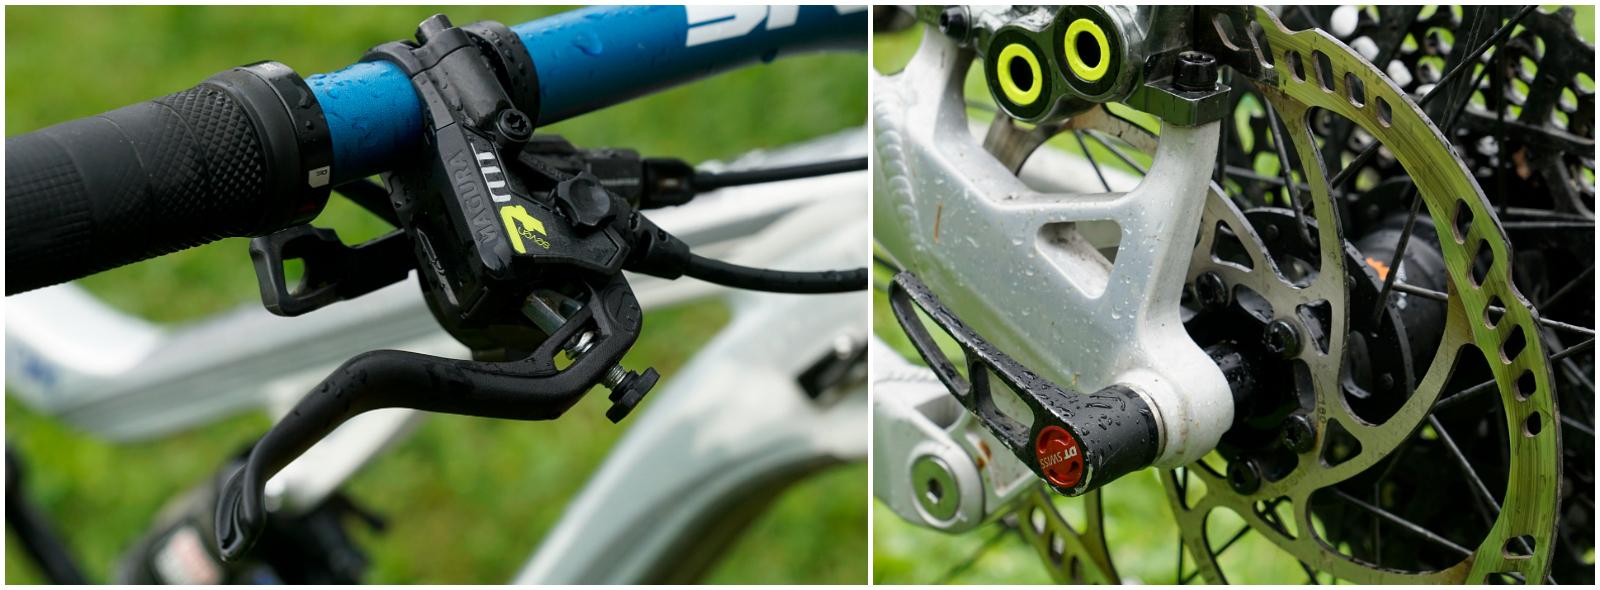 Mtb Magcom Mountain Bike Online Magazine Test Freni Magura Mt7